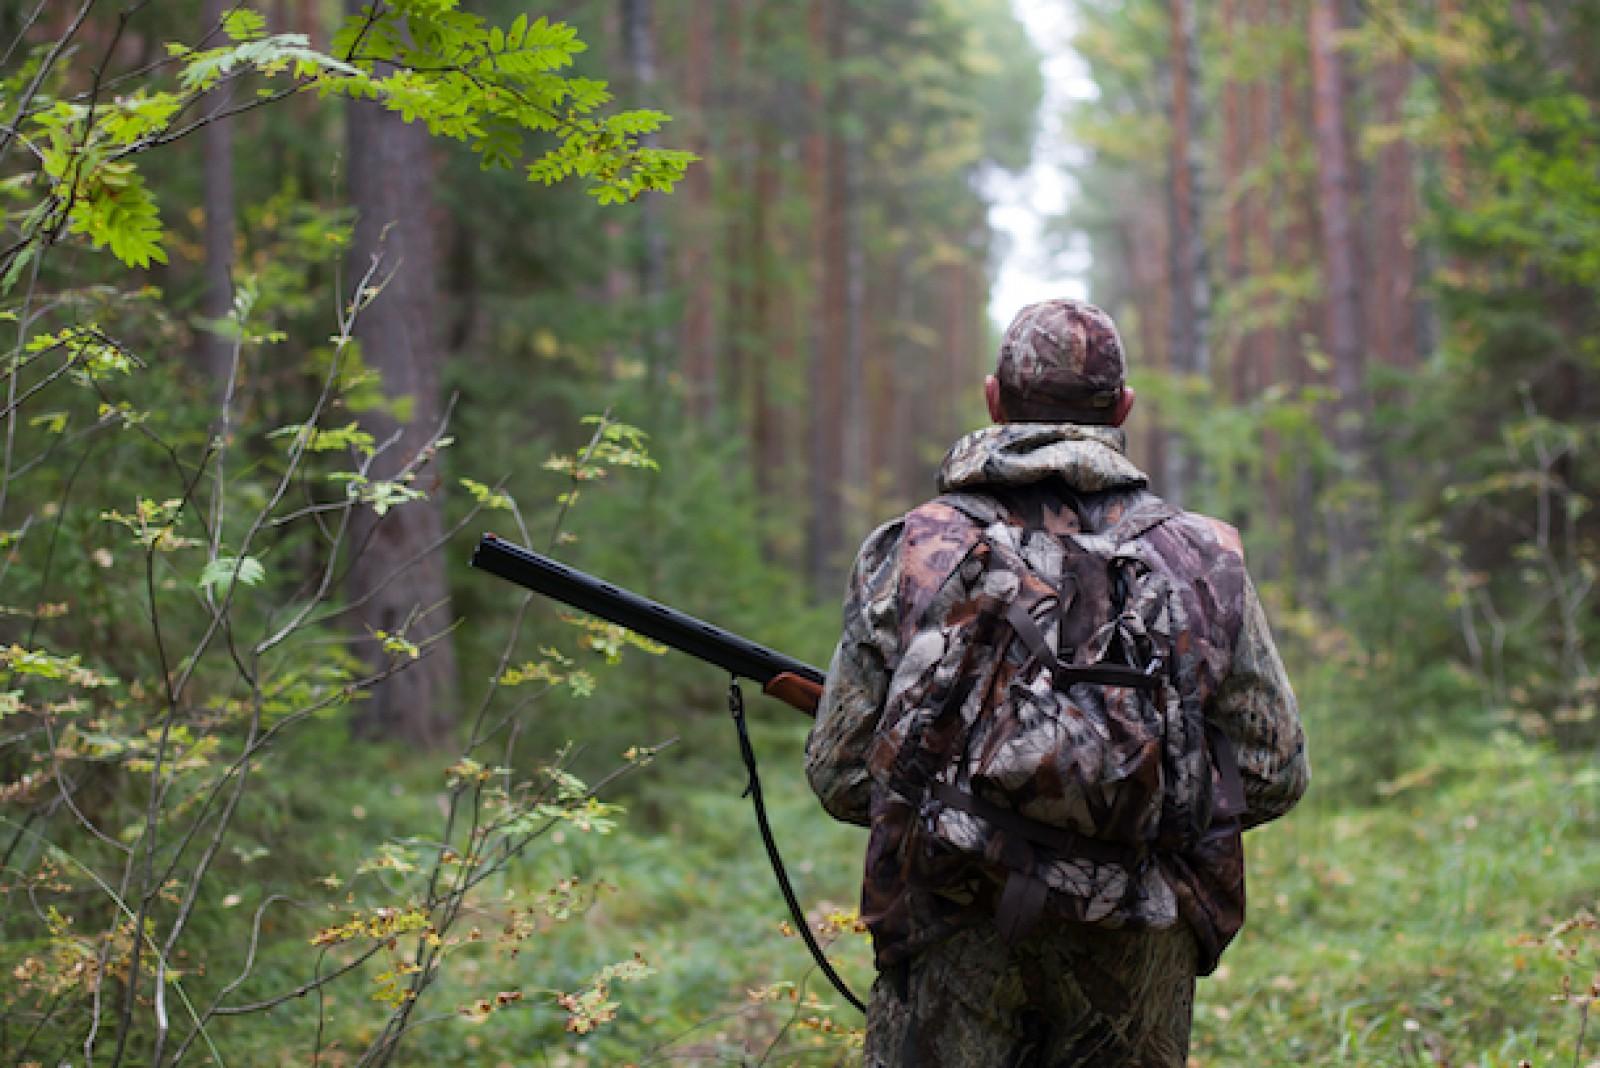 Vânătoare cu sfârșit tragic la Sângerei. Un bărbat a decedat după ce a fost împușcat de la mică distanță